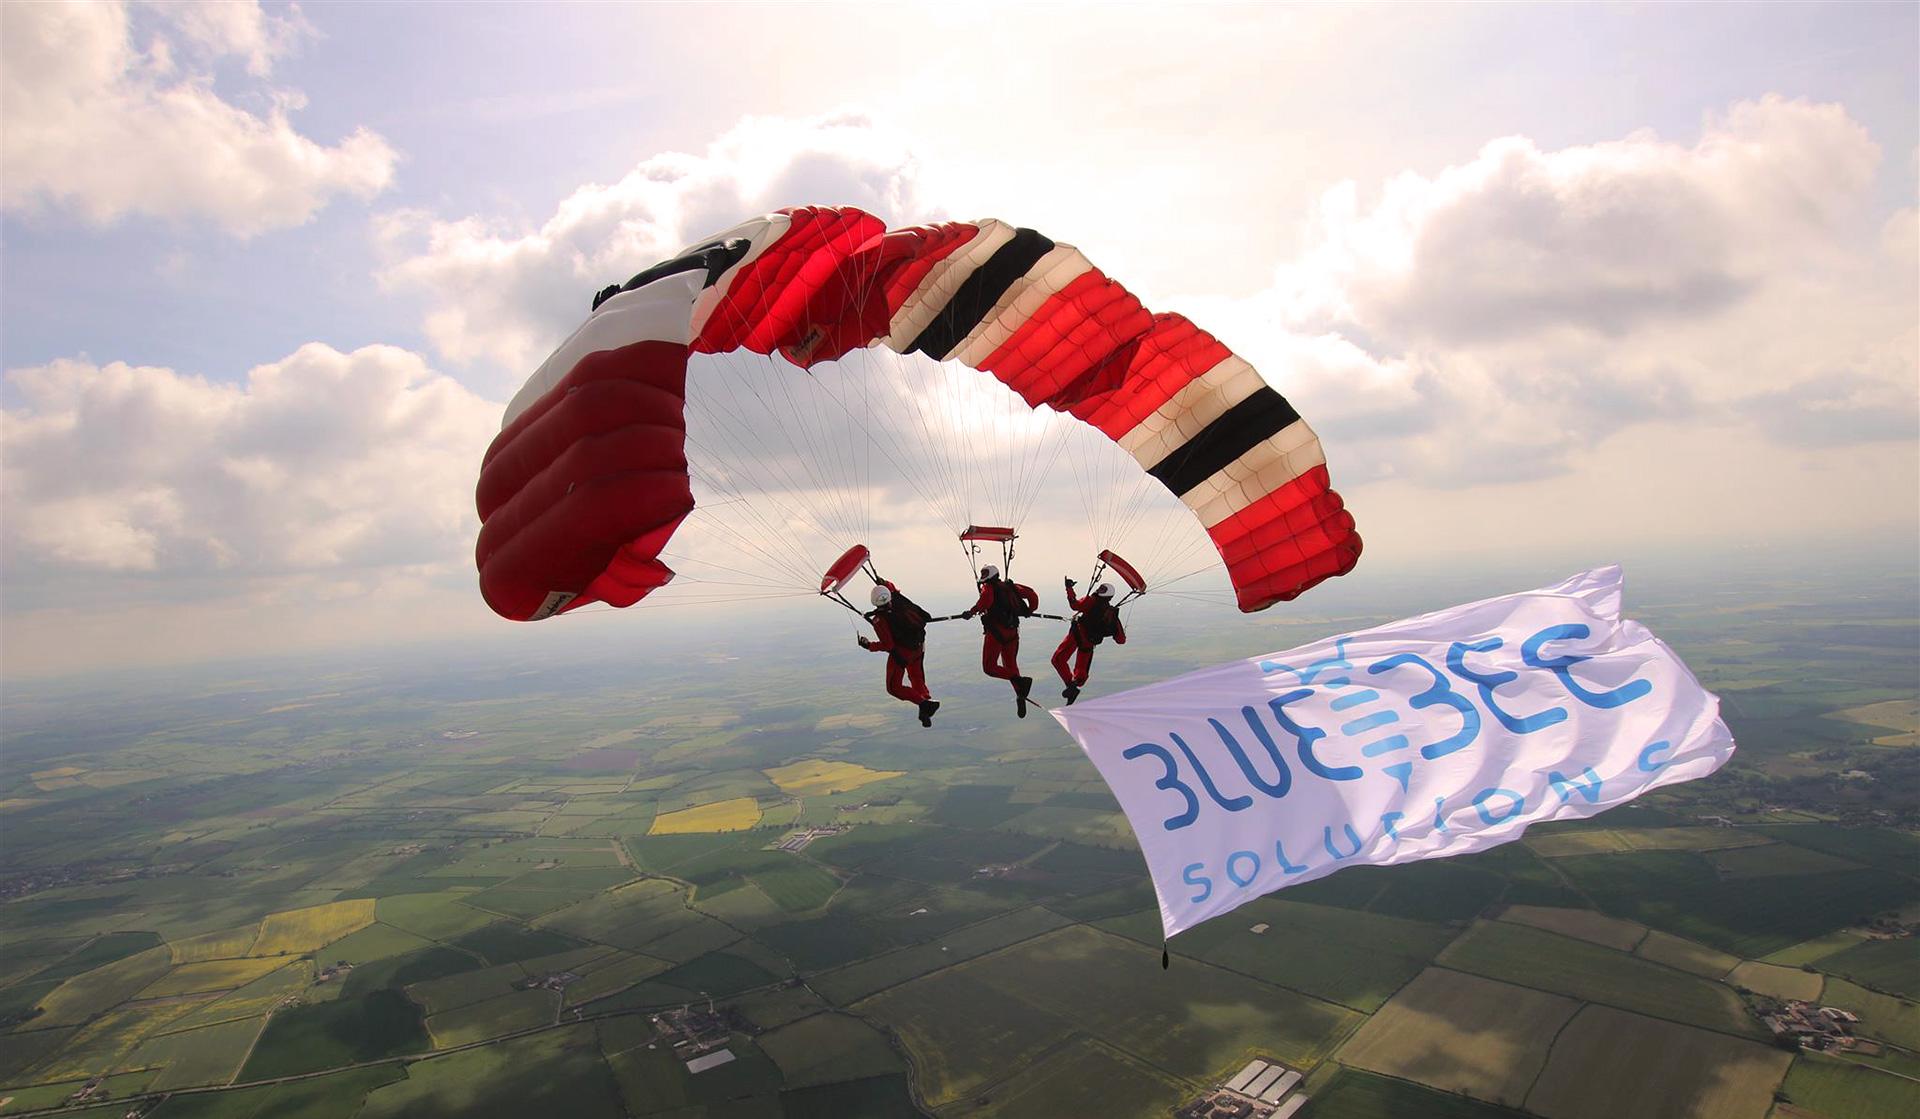 Blue Bee parachute jump